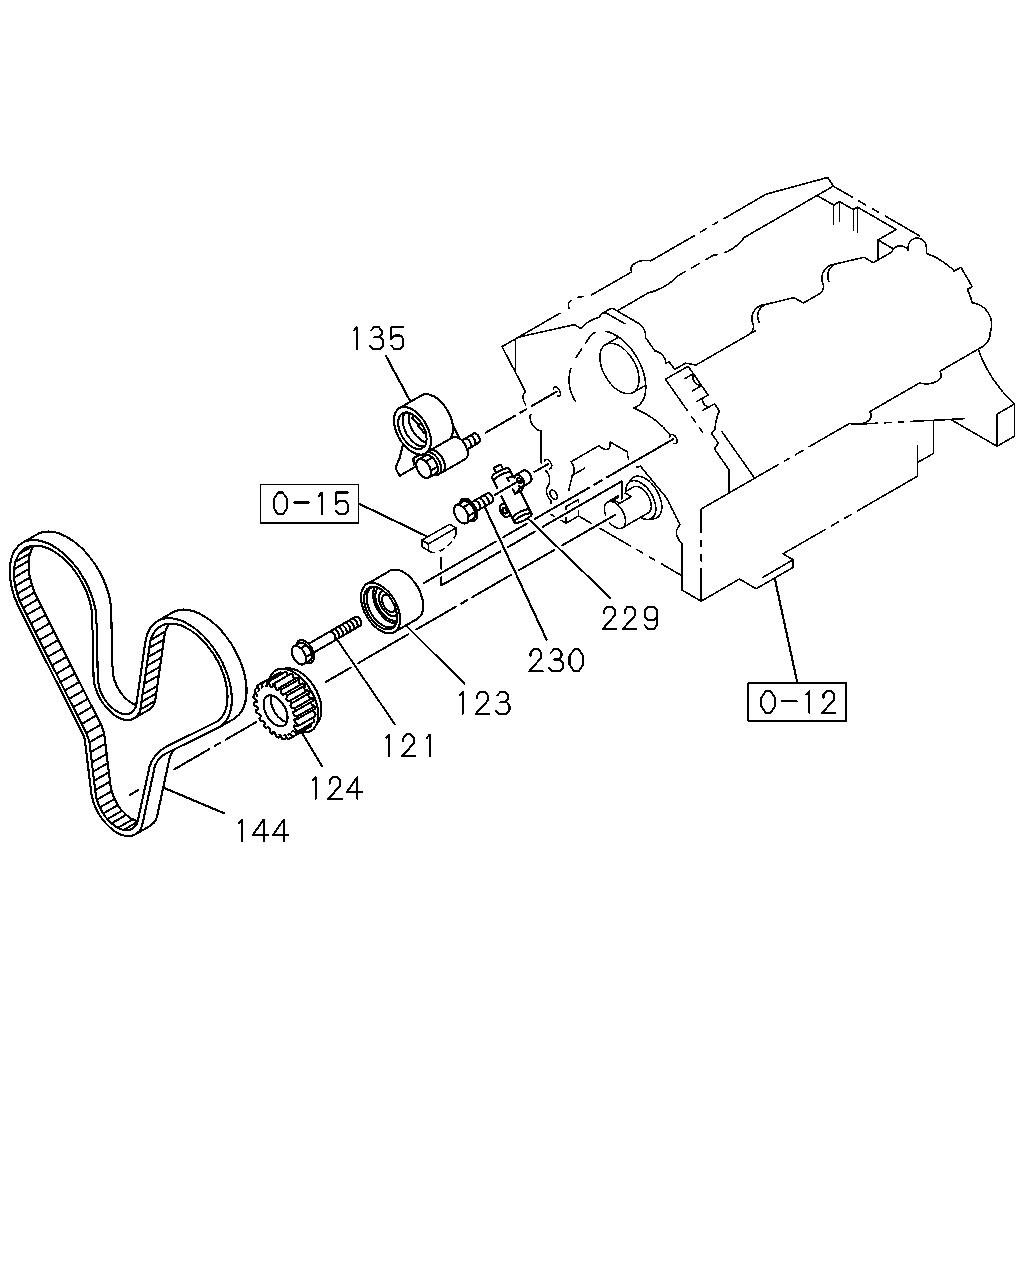 Isuzu 6ve1 Camshaft Diagram Schematics Engine Valve Timing Tf 50964 Tfr Tfs Lhd 04 11 0 Emission